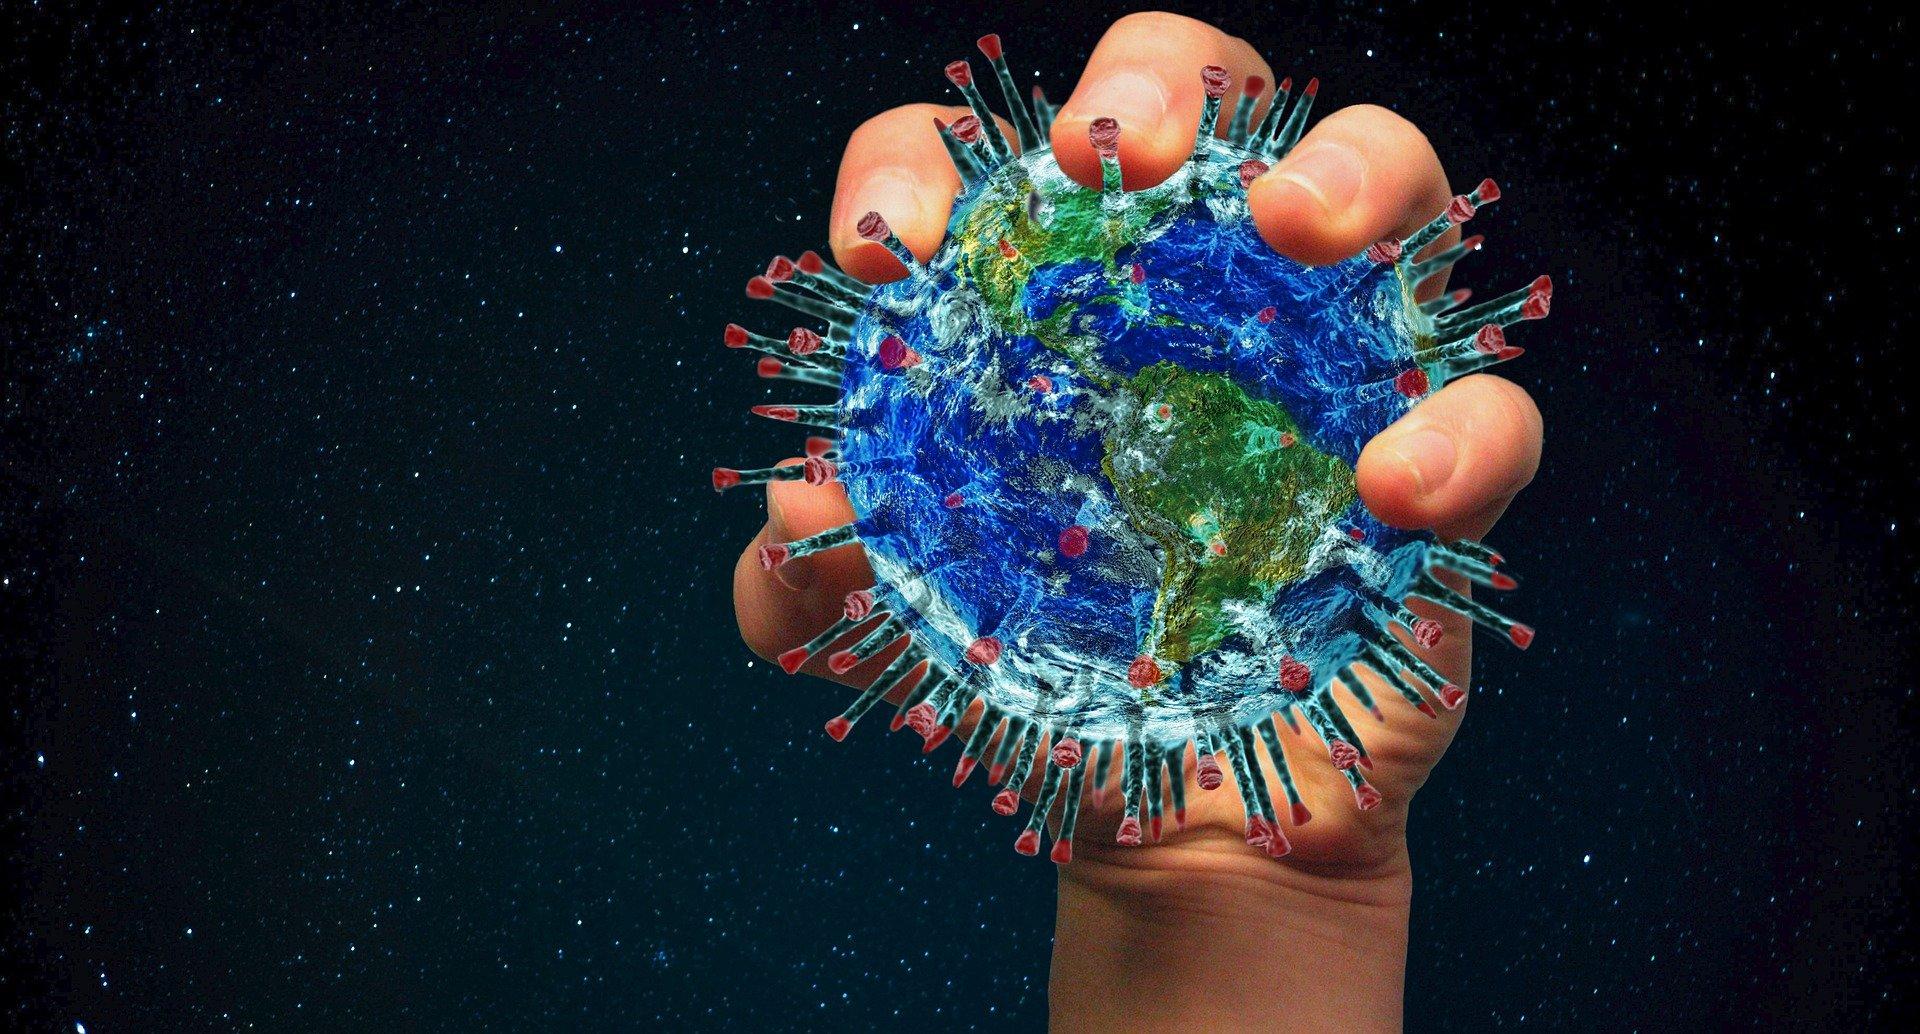 Каждый сотый человек в мире заразился коронавирусом